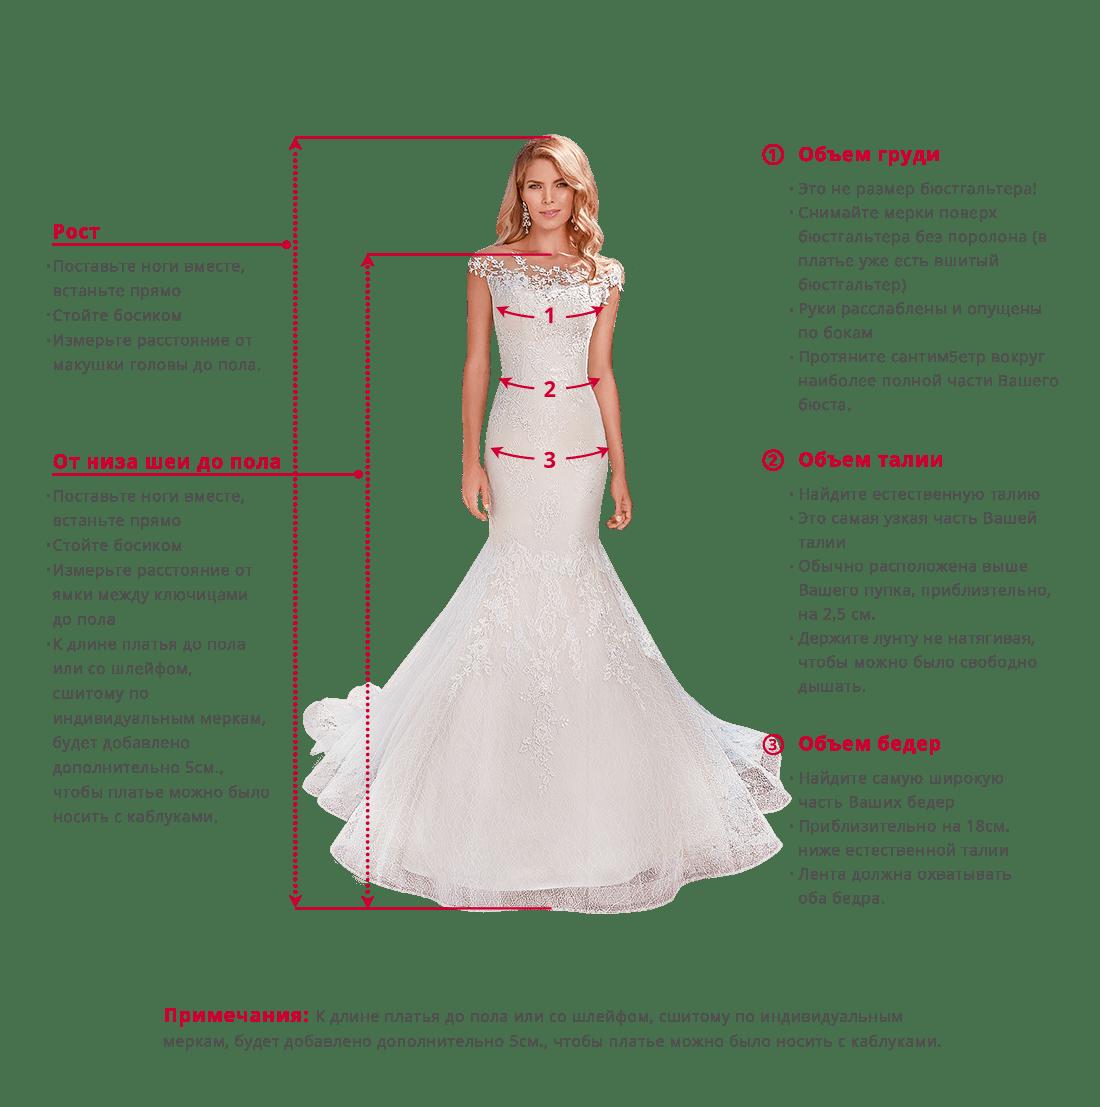 a58b40c1b54d1ab Облегчить задачу помогут таблицы соответствий размеров свадебных платьев и  рекомендации по выбору оптимального наряда.